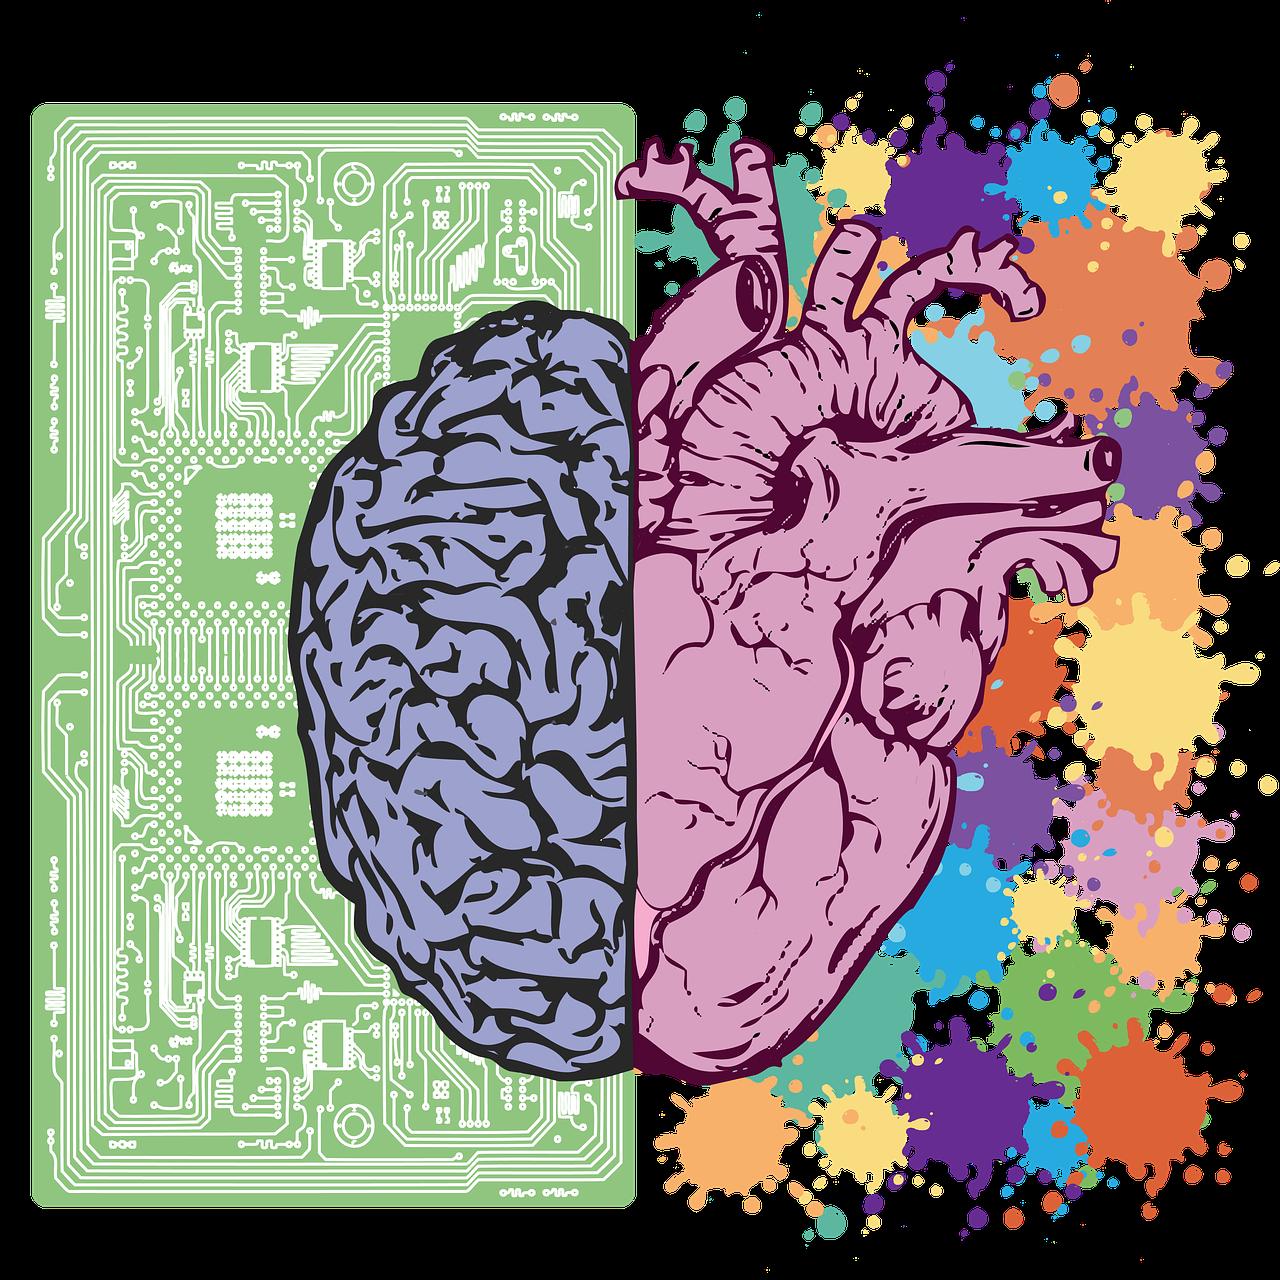 Kako razvijati emocionalnu inteligenciju brain ga196f00a2 1280